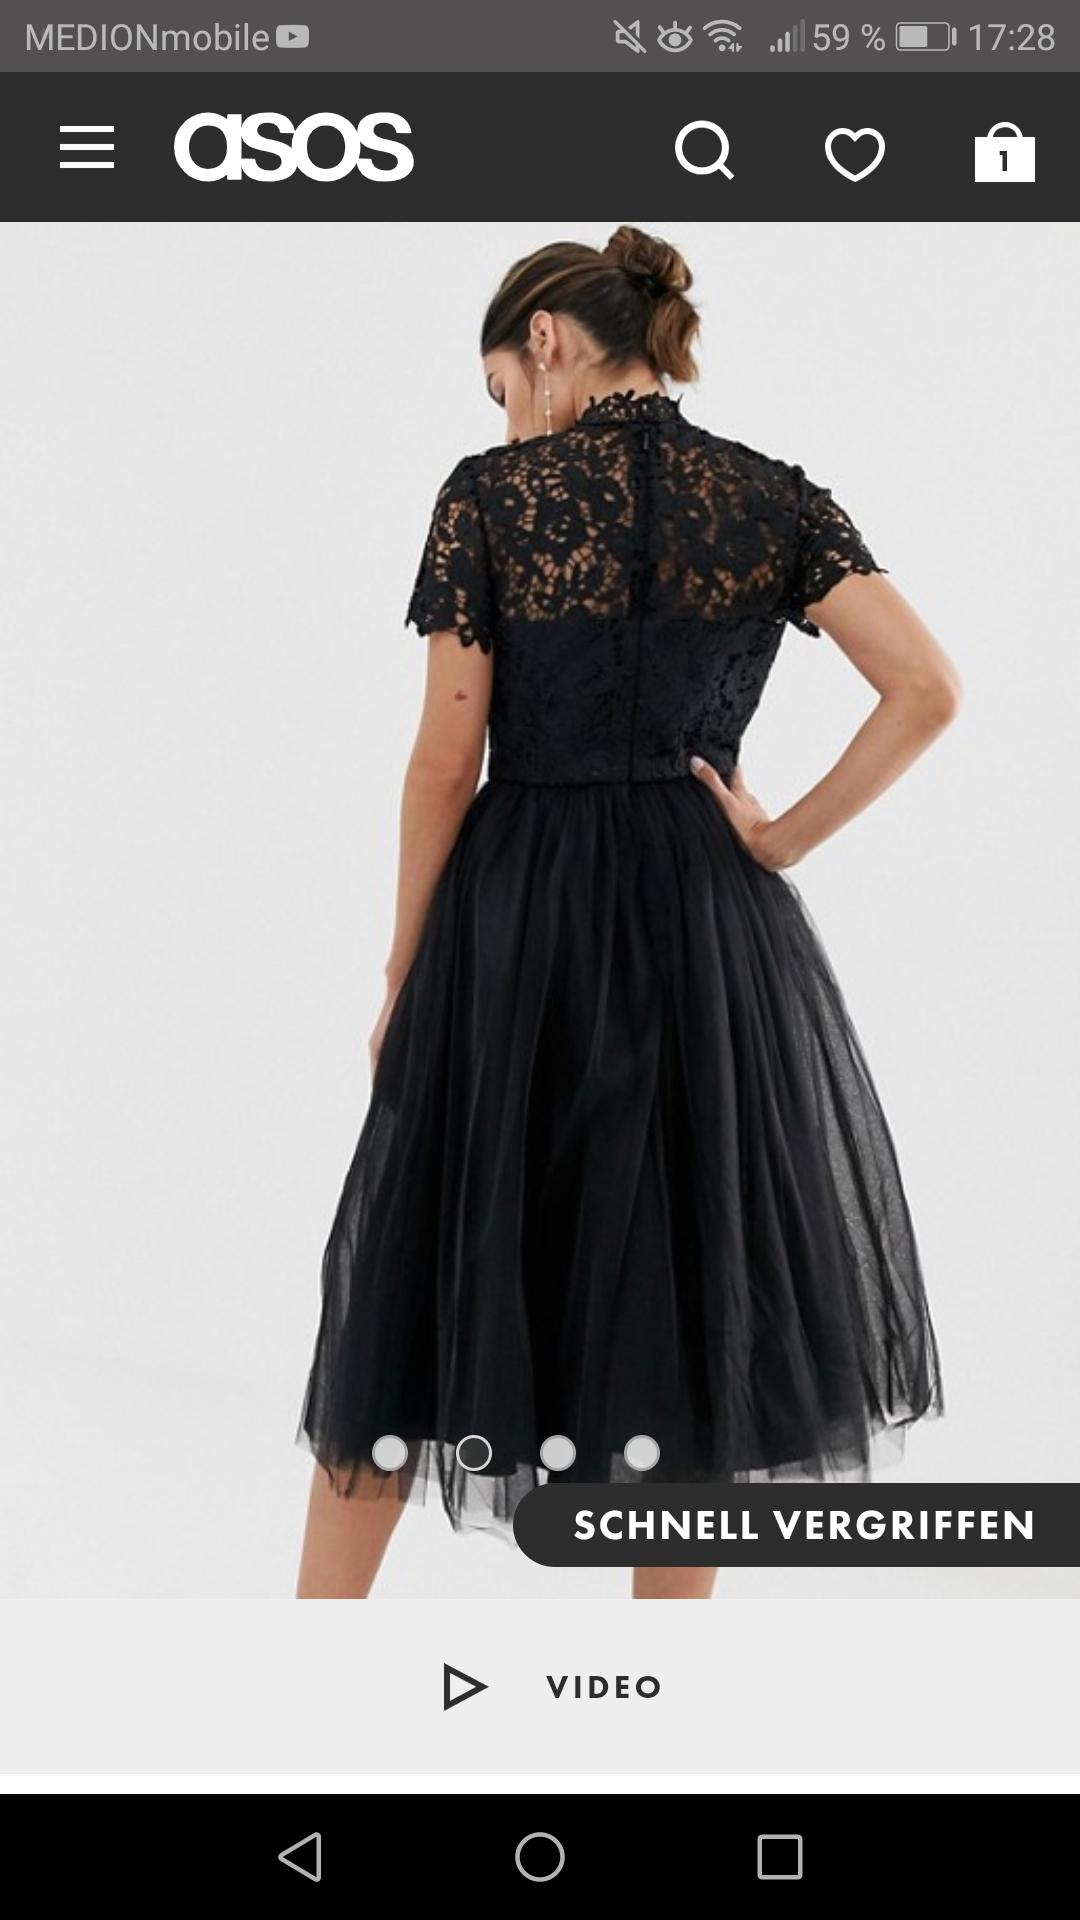 kleid mit spitzenrücken verkleinern lassen? (nähen